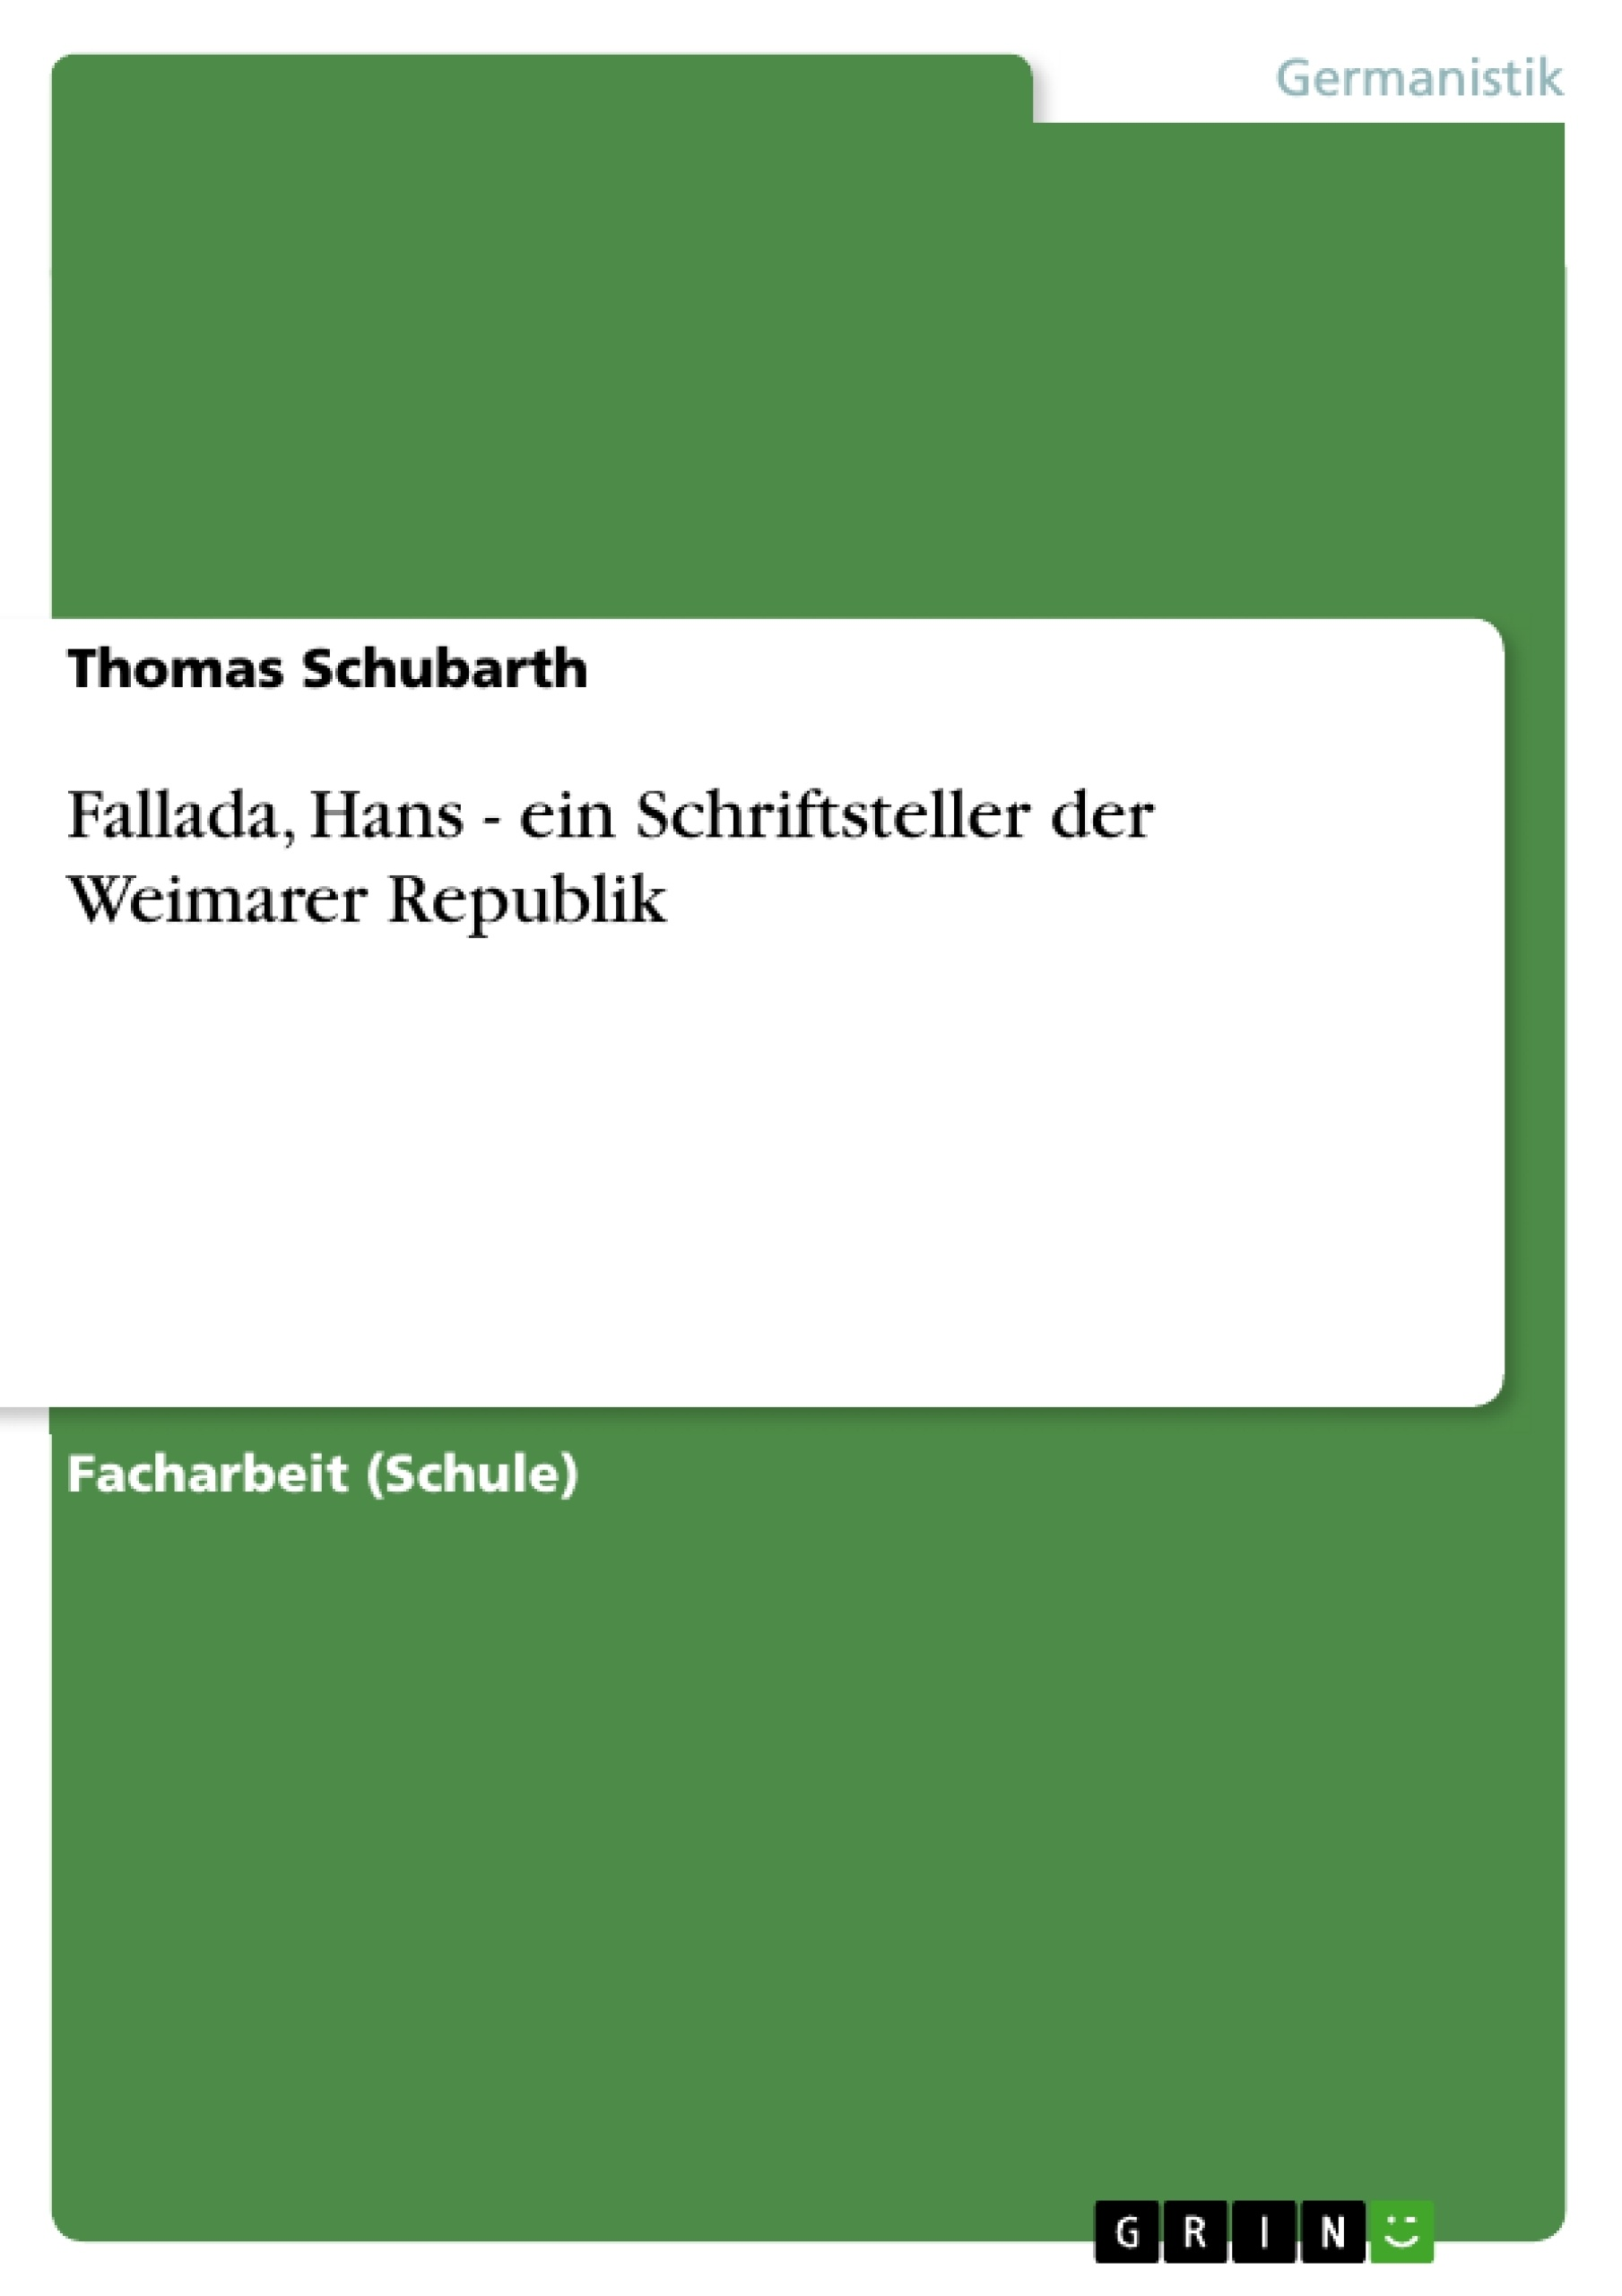 Titel: Fallada, Hans - ein Schriftsteller der Weimarer Republik